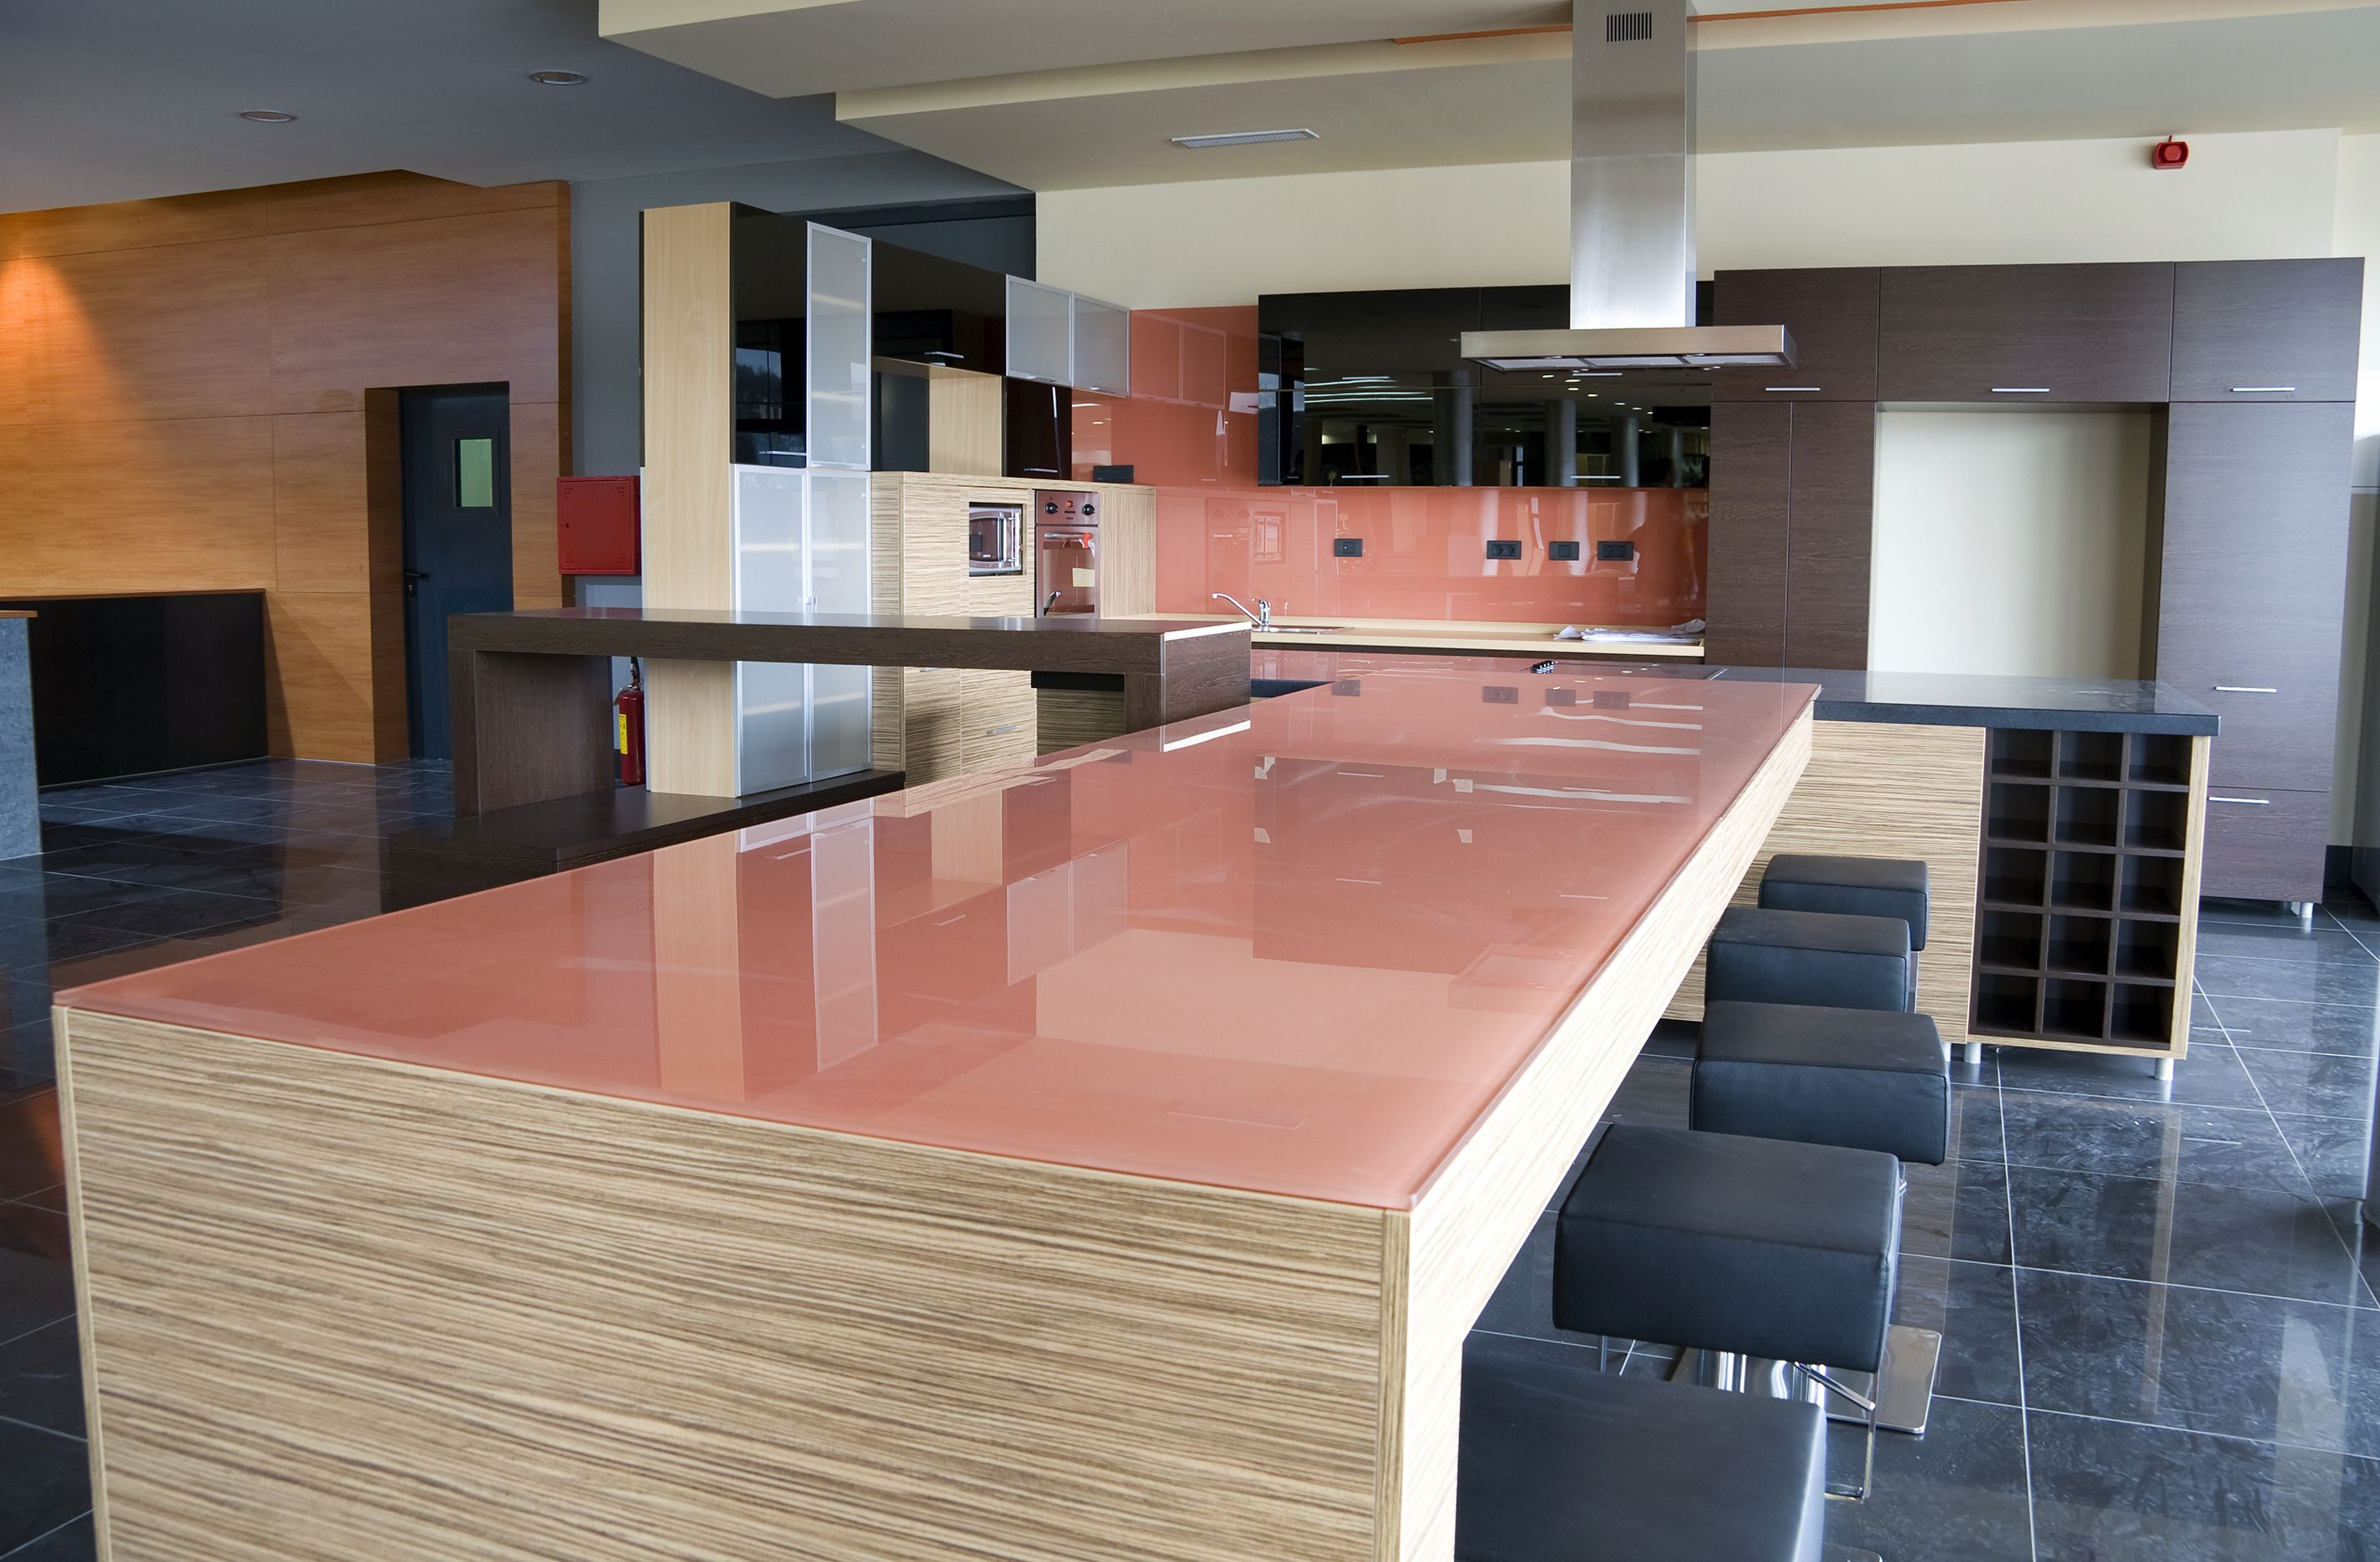 Foto 9 de Muebles de baño y cocina en Madrid | Electrosanz Plaza